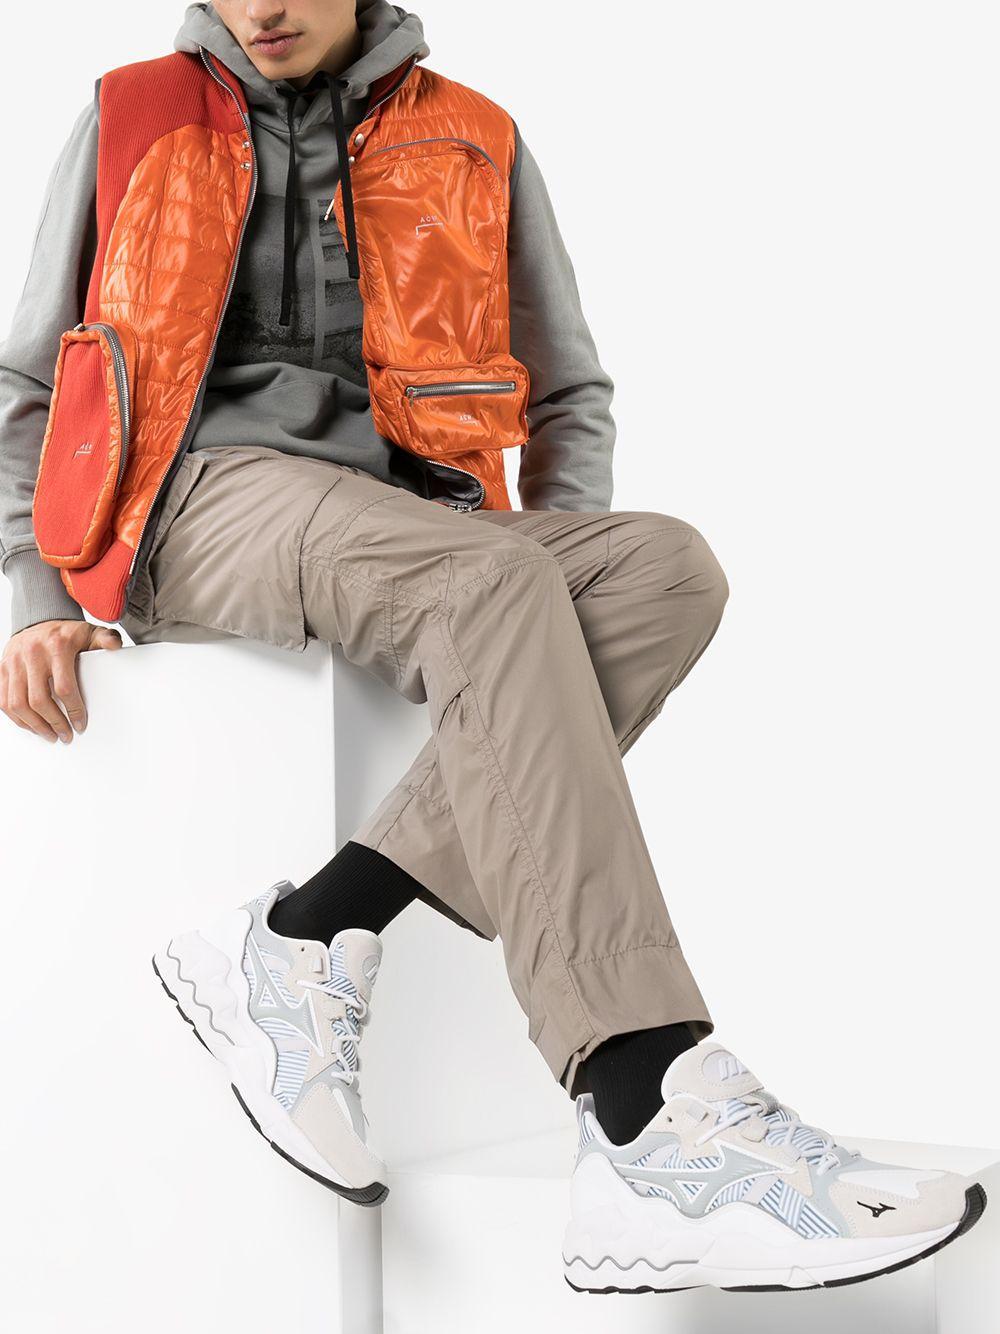 Wave Rider 1 Urban Camo sneakers Mizuno de Tejido sintético de color Blanco para hombre